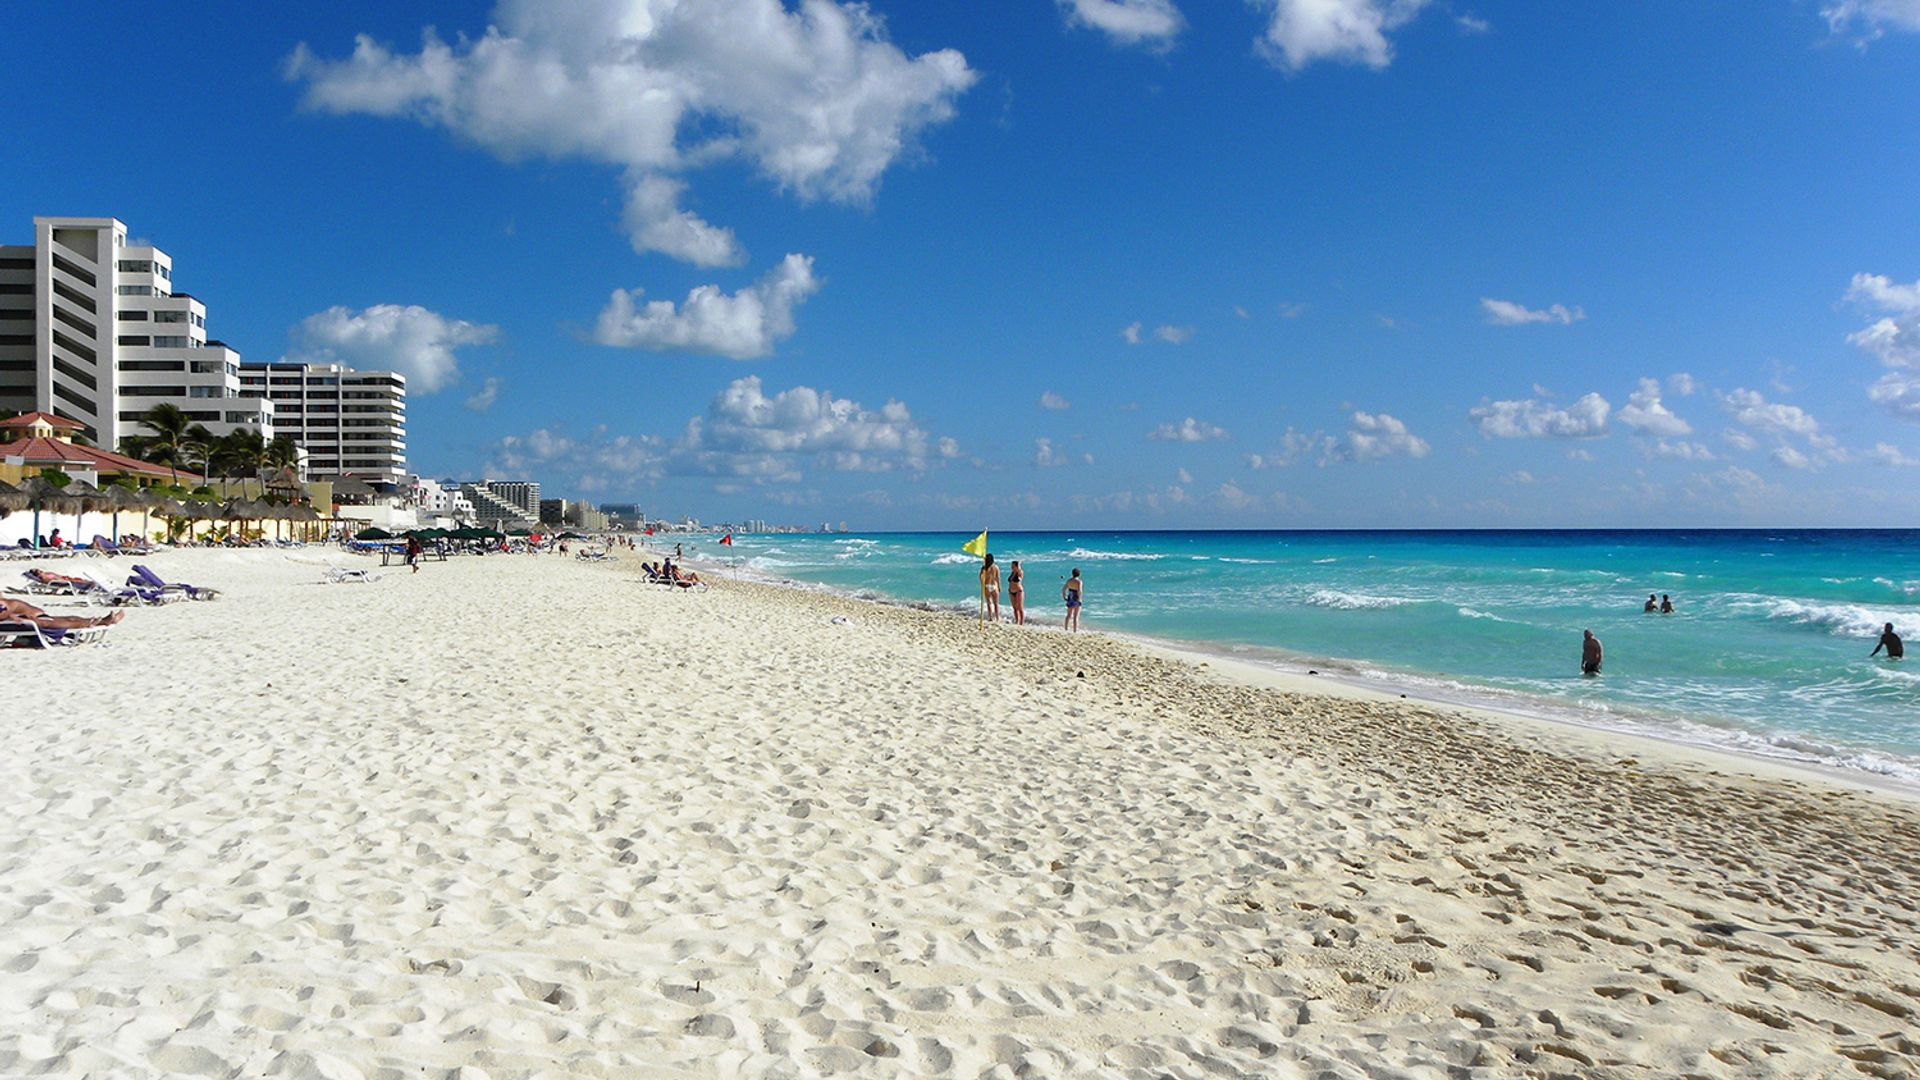 Revelion 2022 - Sejur plaja Cancun si Riviera Maya, Mexic, 13 zile